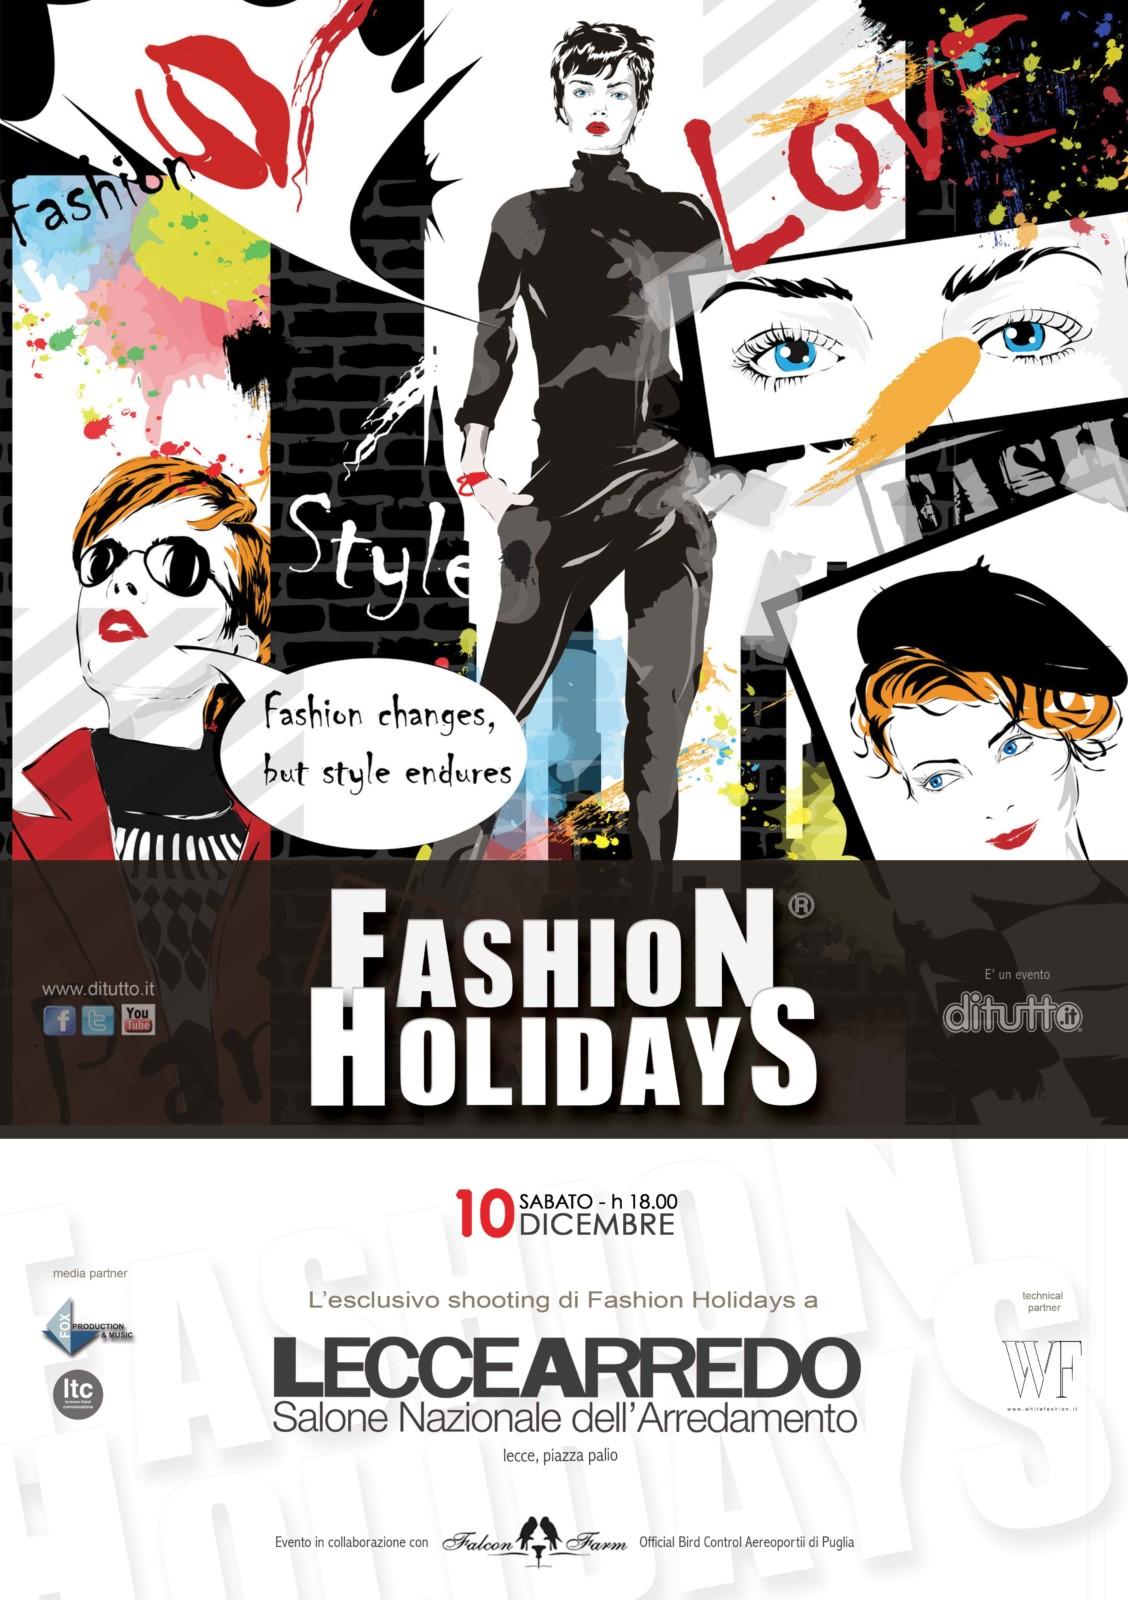 10 dicembre fashion holidays alla 26esima edizione di for Leccearredo